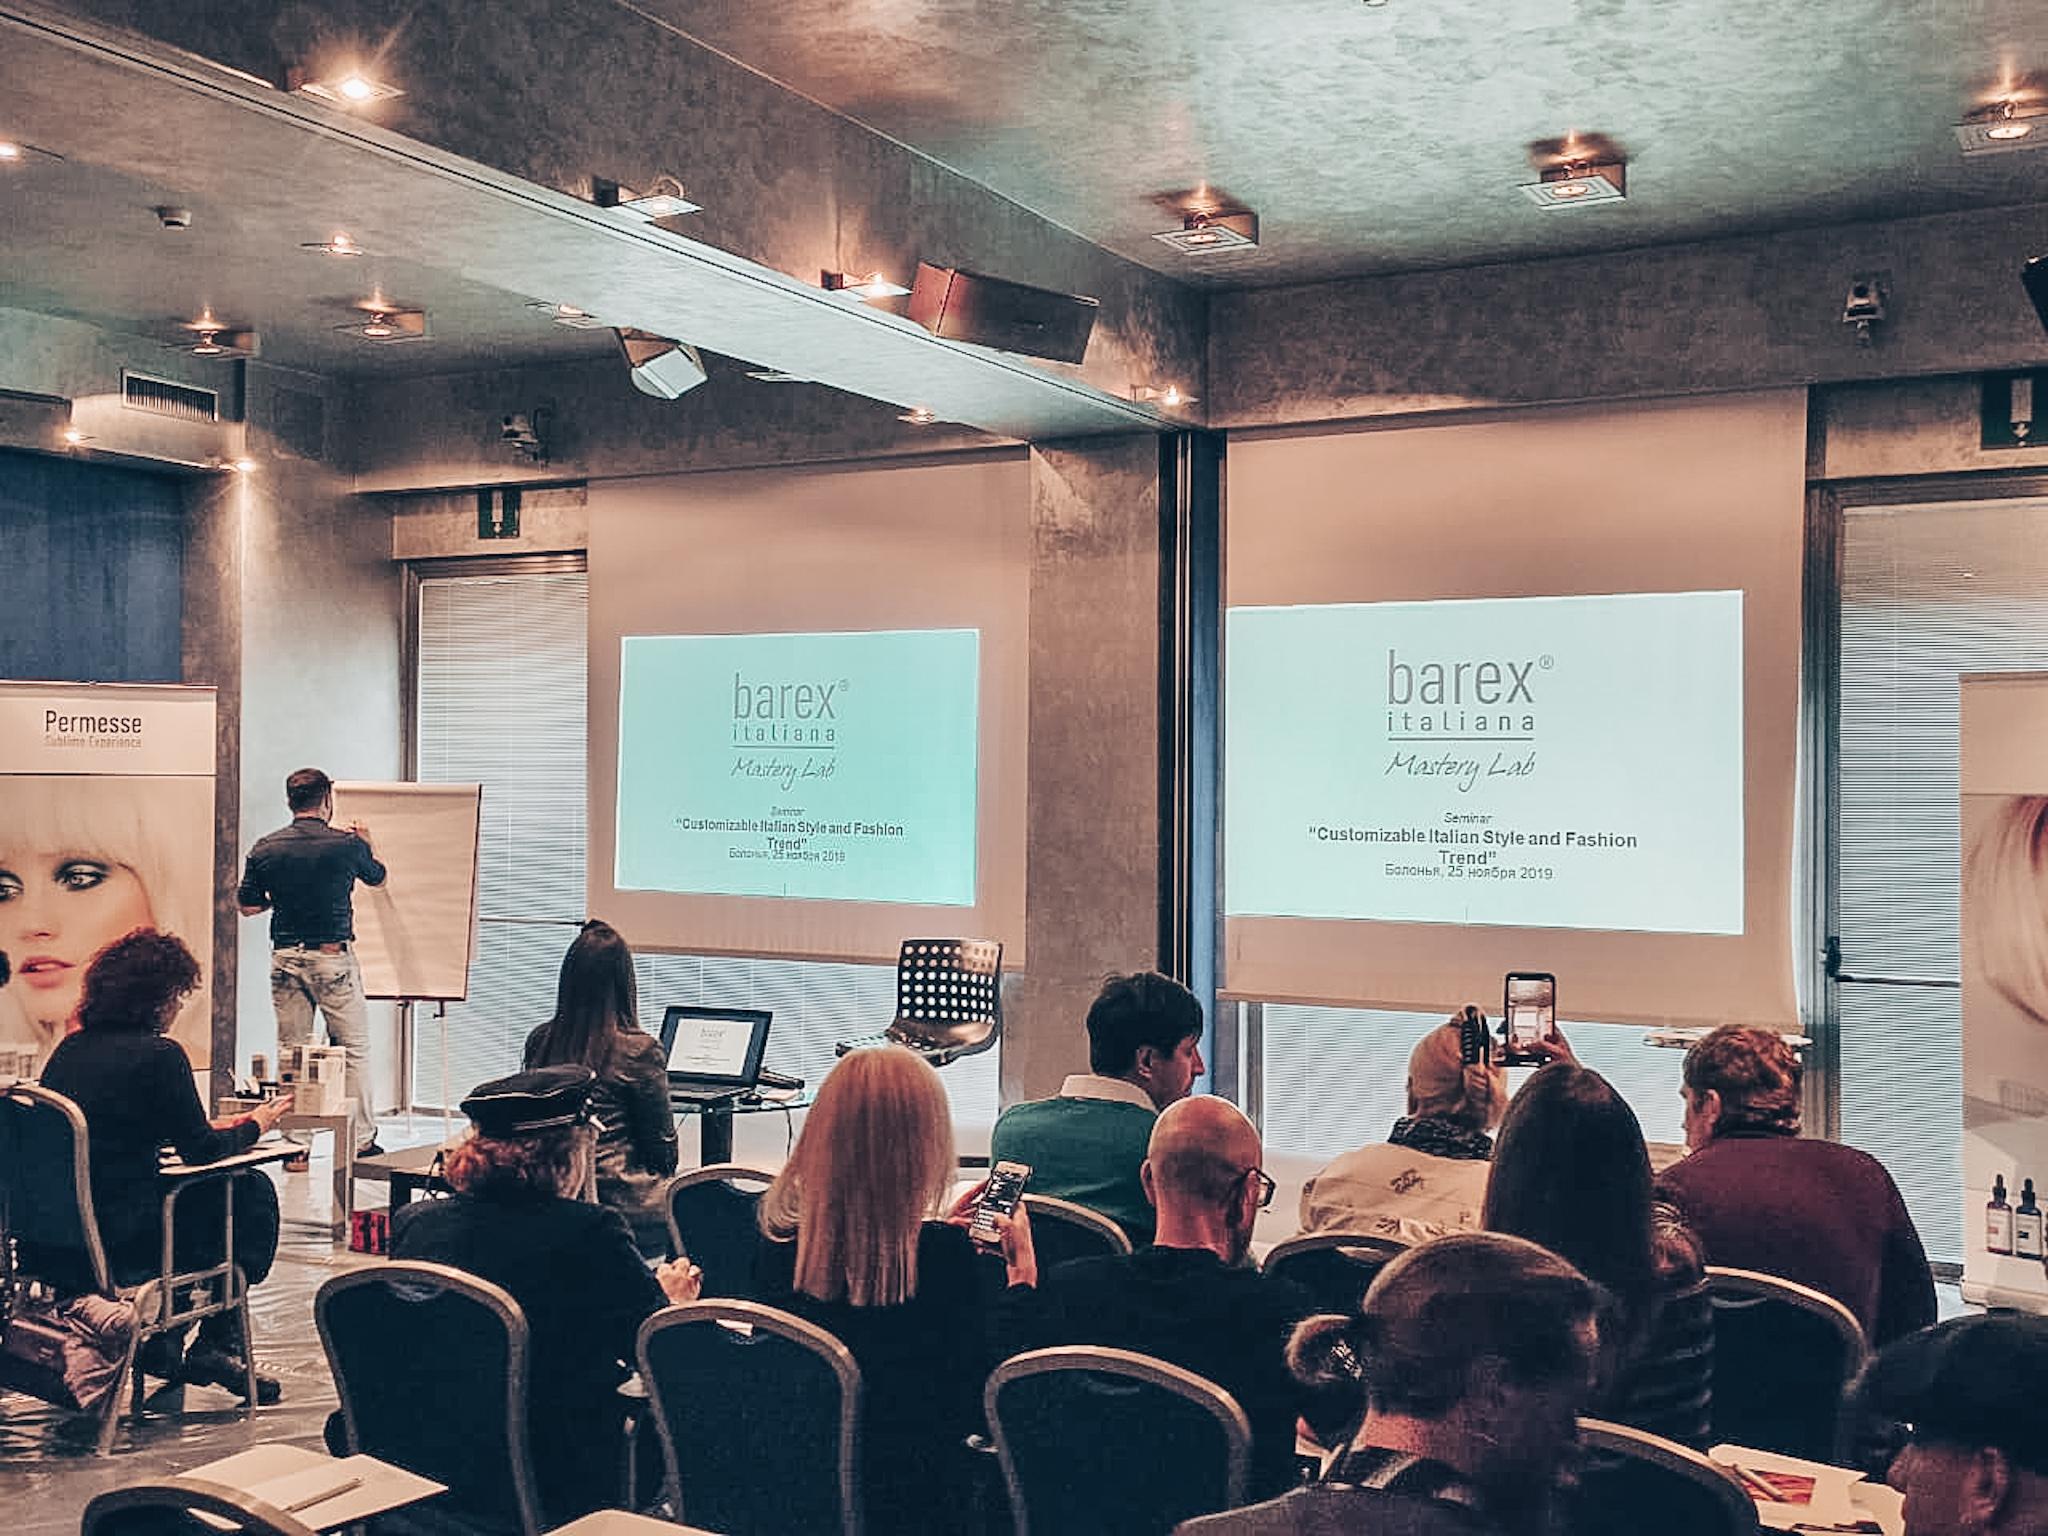 Образовательный цикл семинаров Barex Italiana в Италии